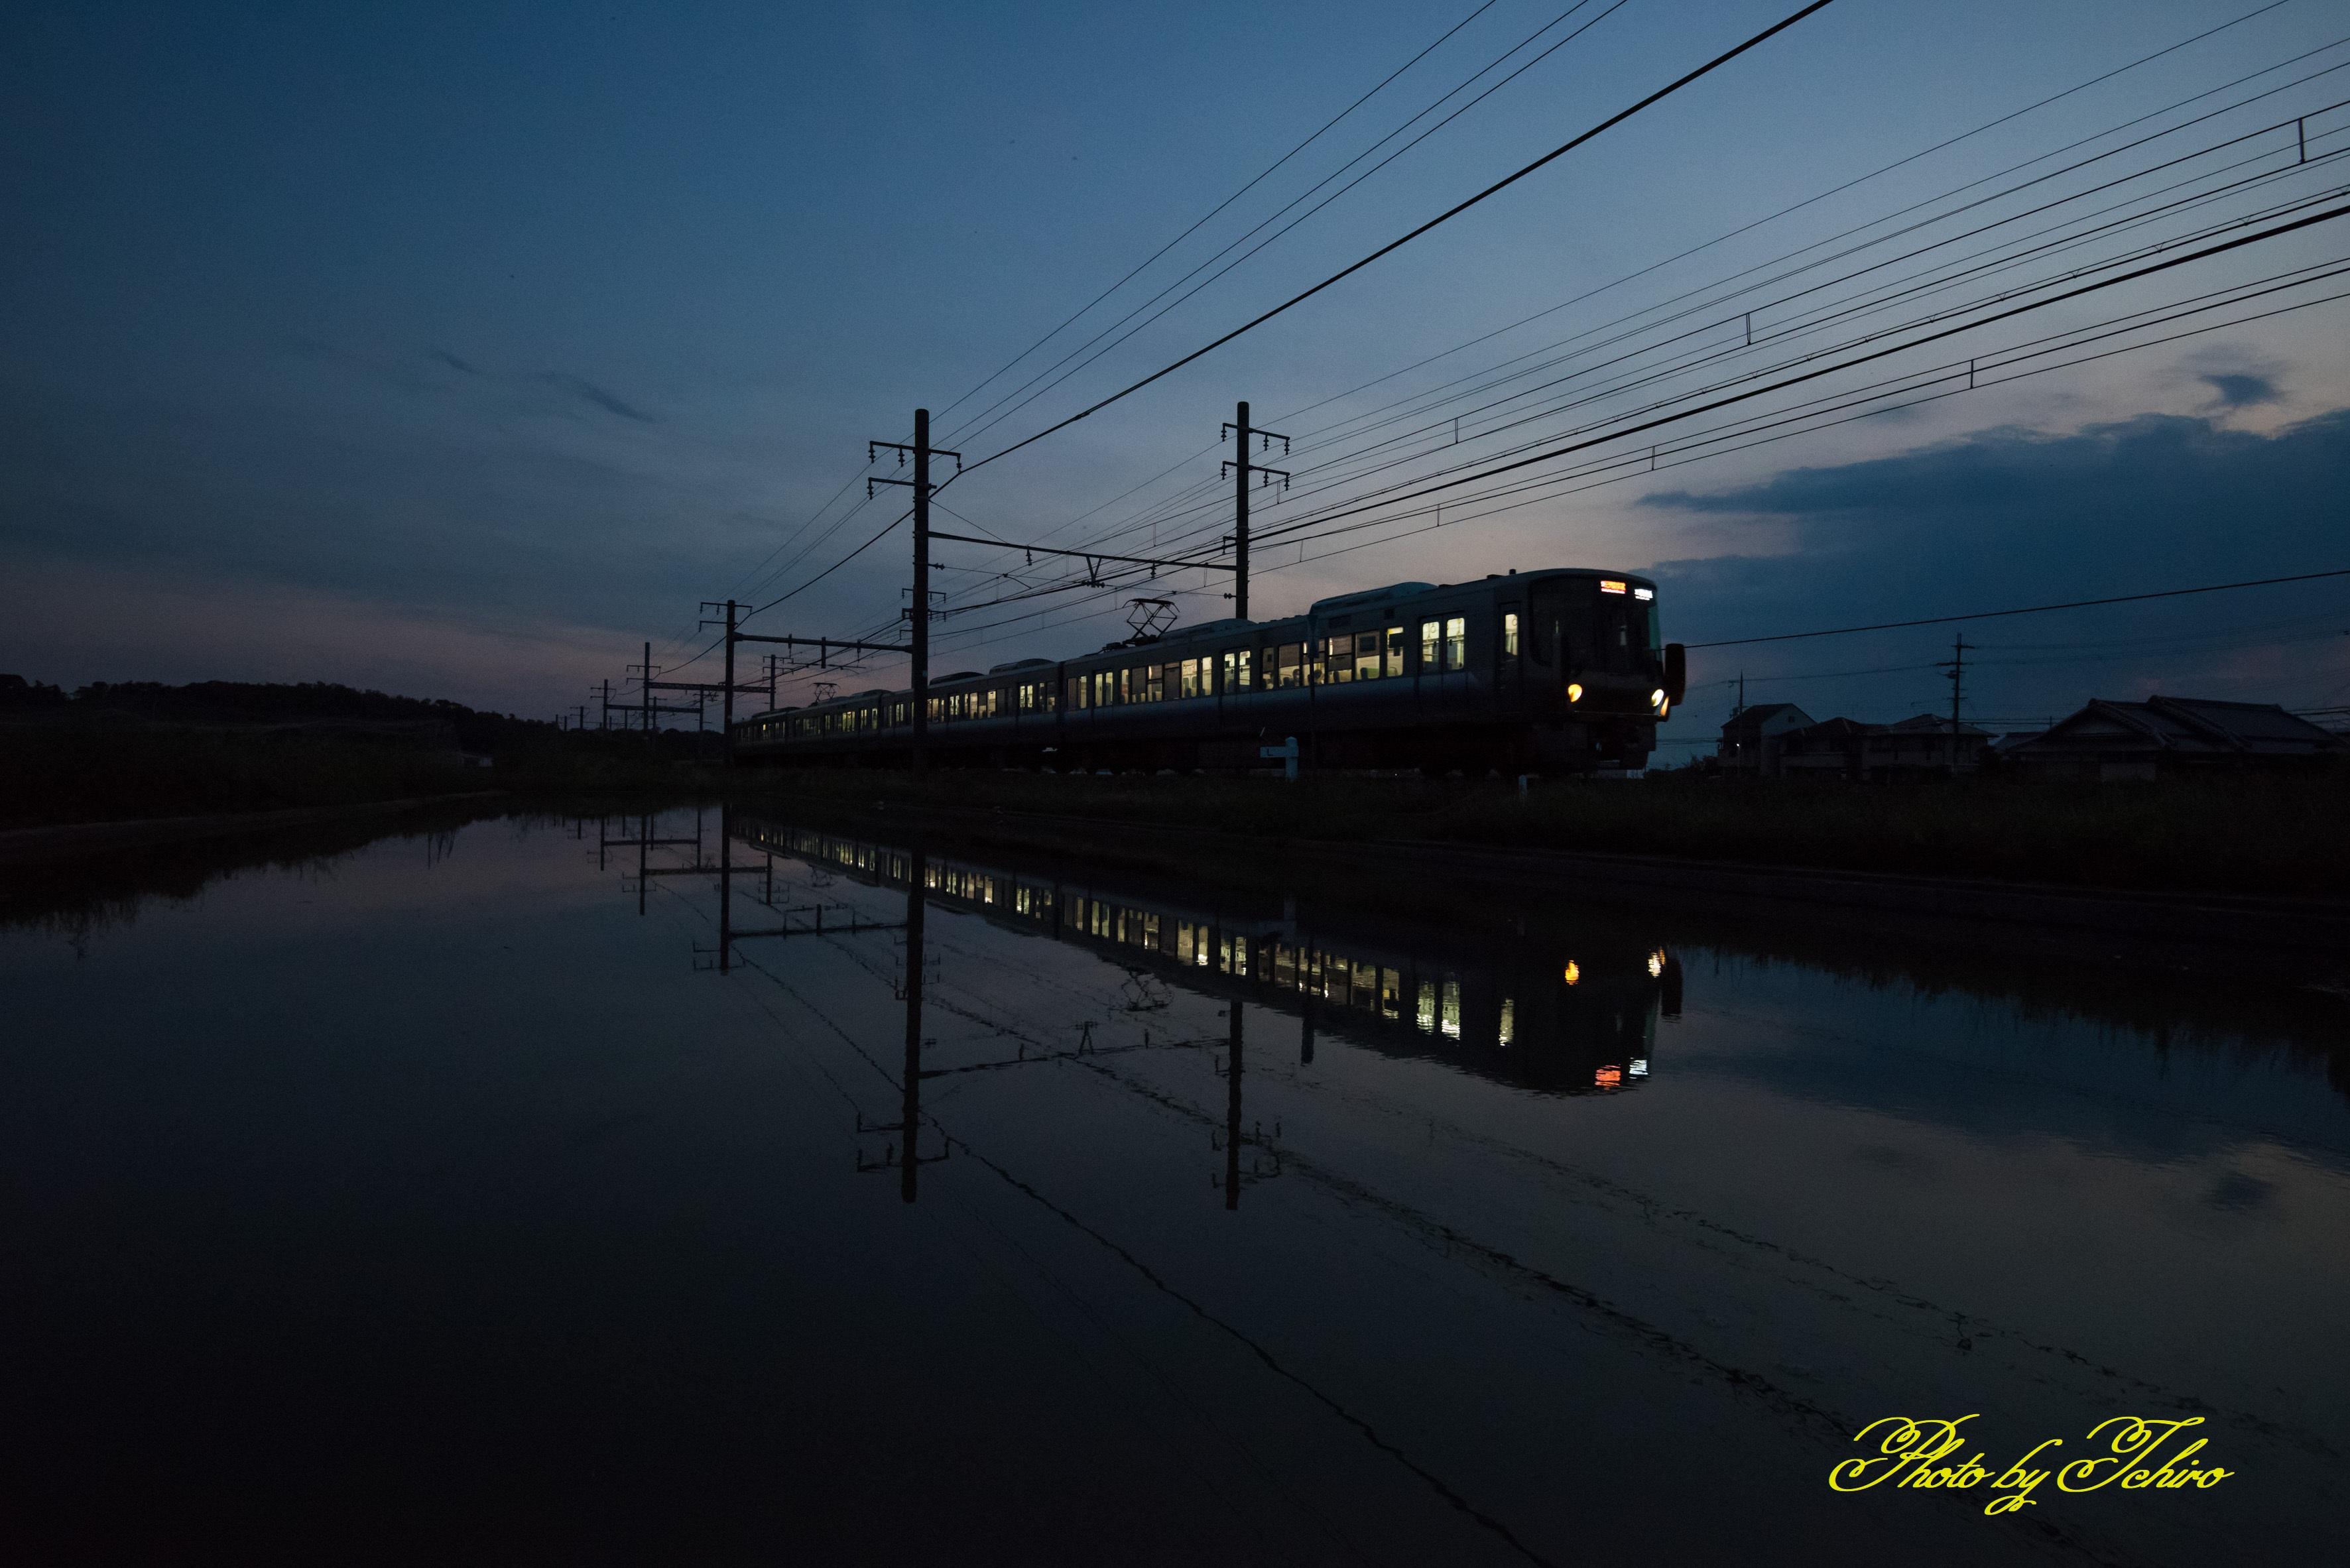 DSC_5559-3500wn.jpg